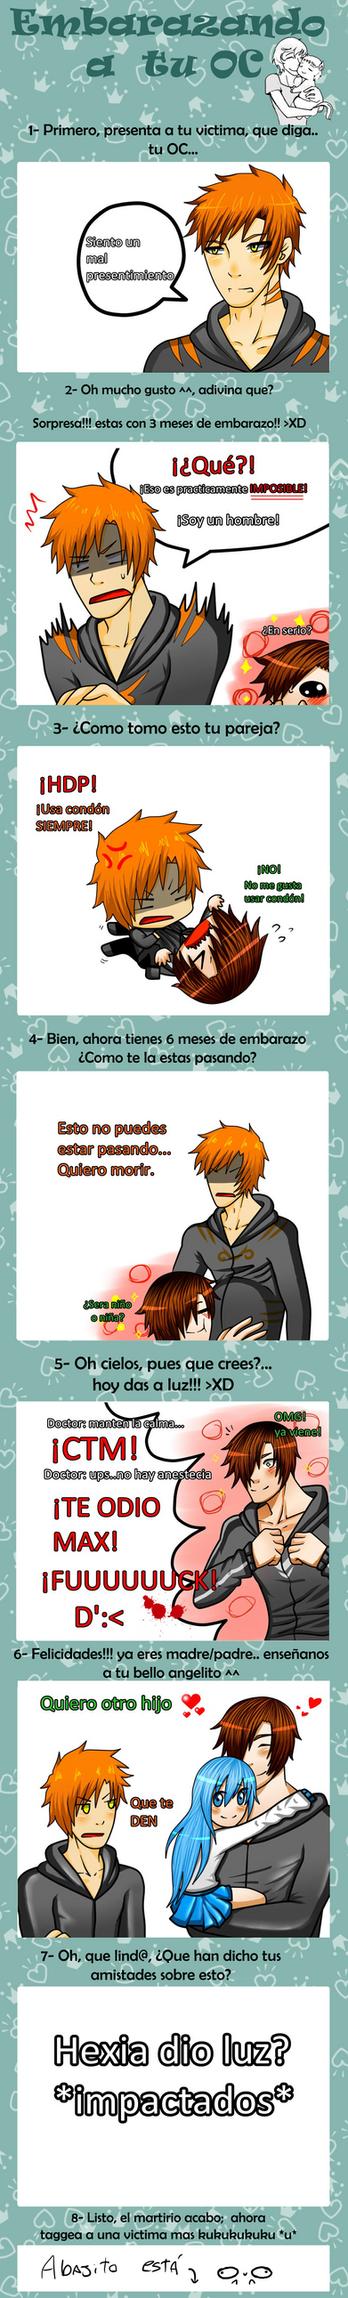 Galeria homo(? Digital y tradicional Meme_embarazo__maxixus__by_maxixus-d9a166q